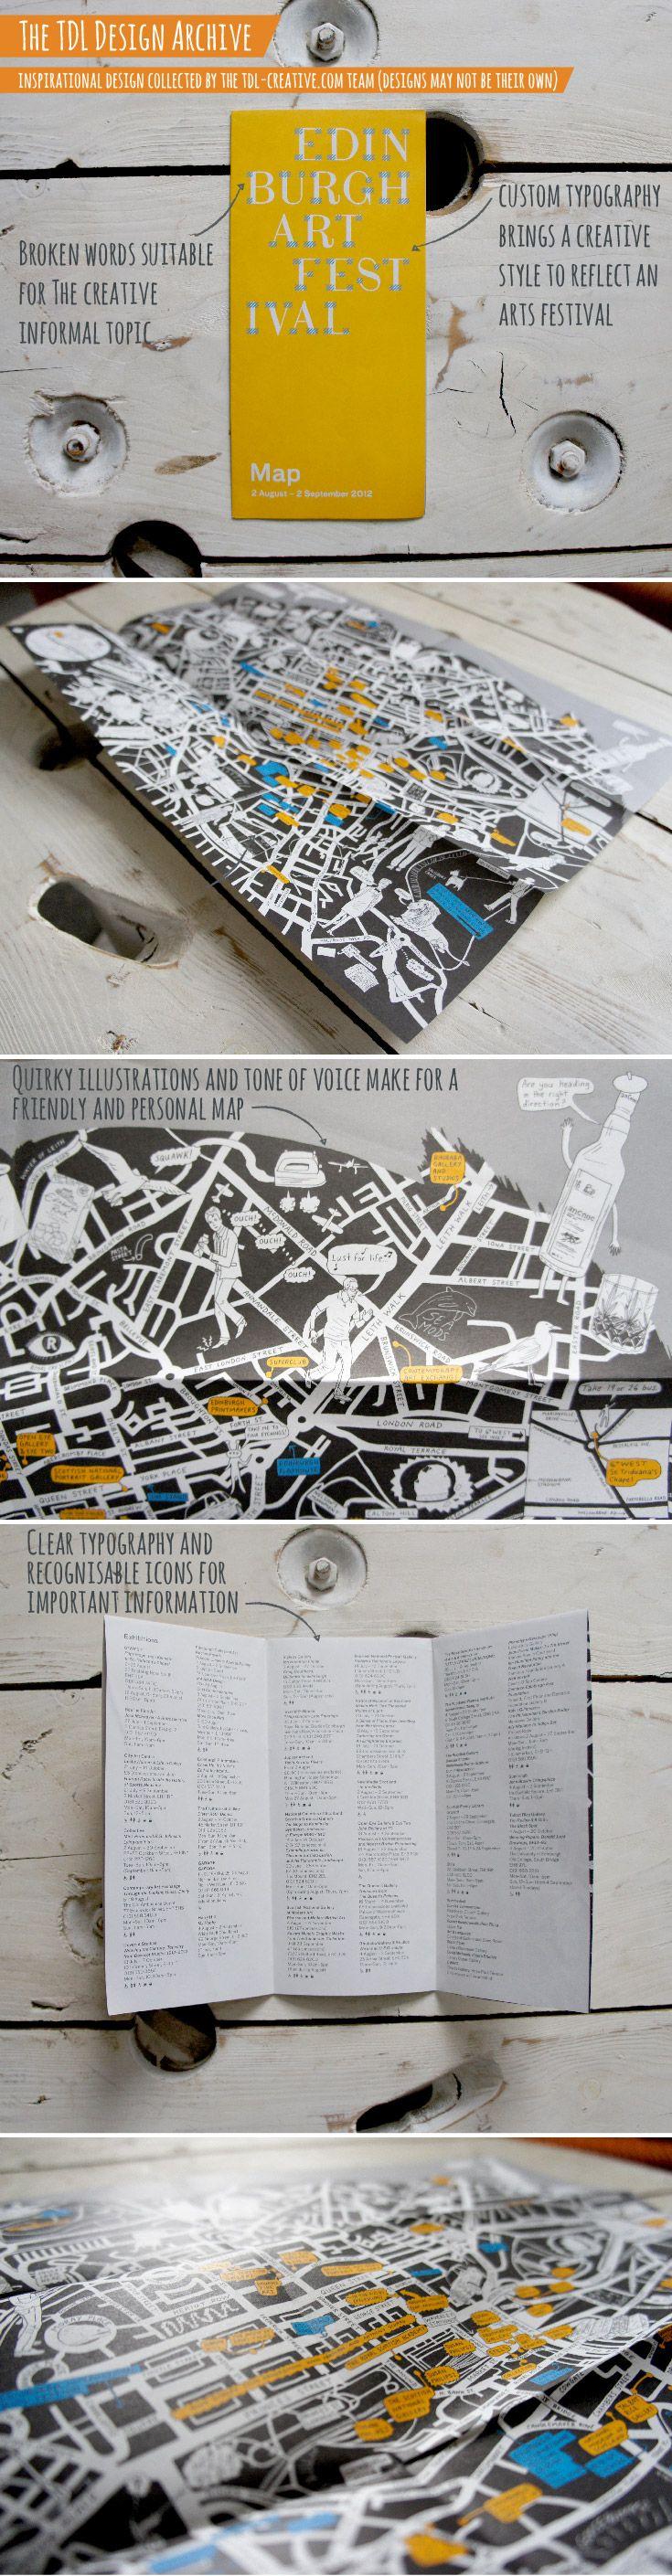 Edinburgh Art Festival - #Map #illustration